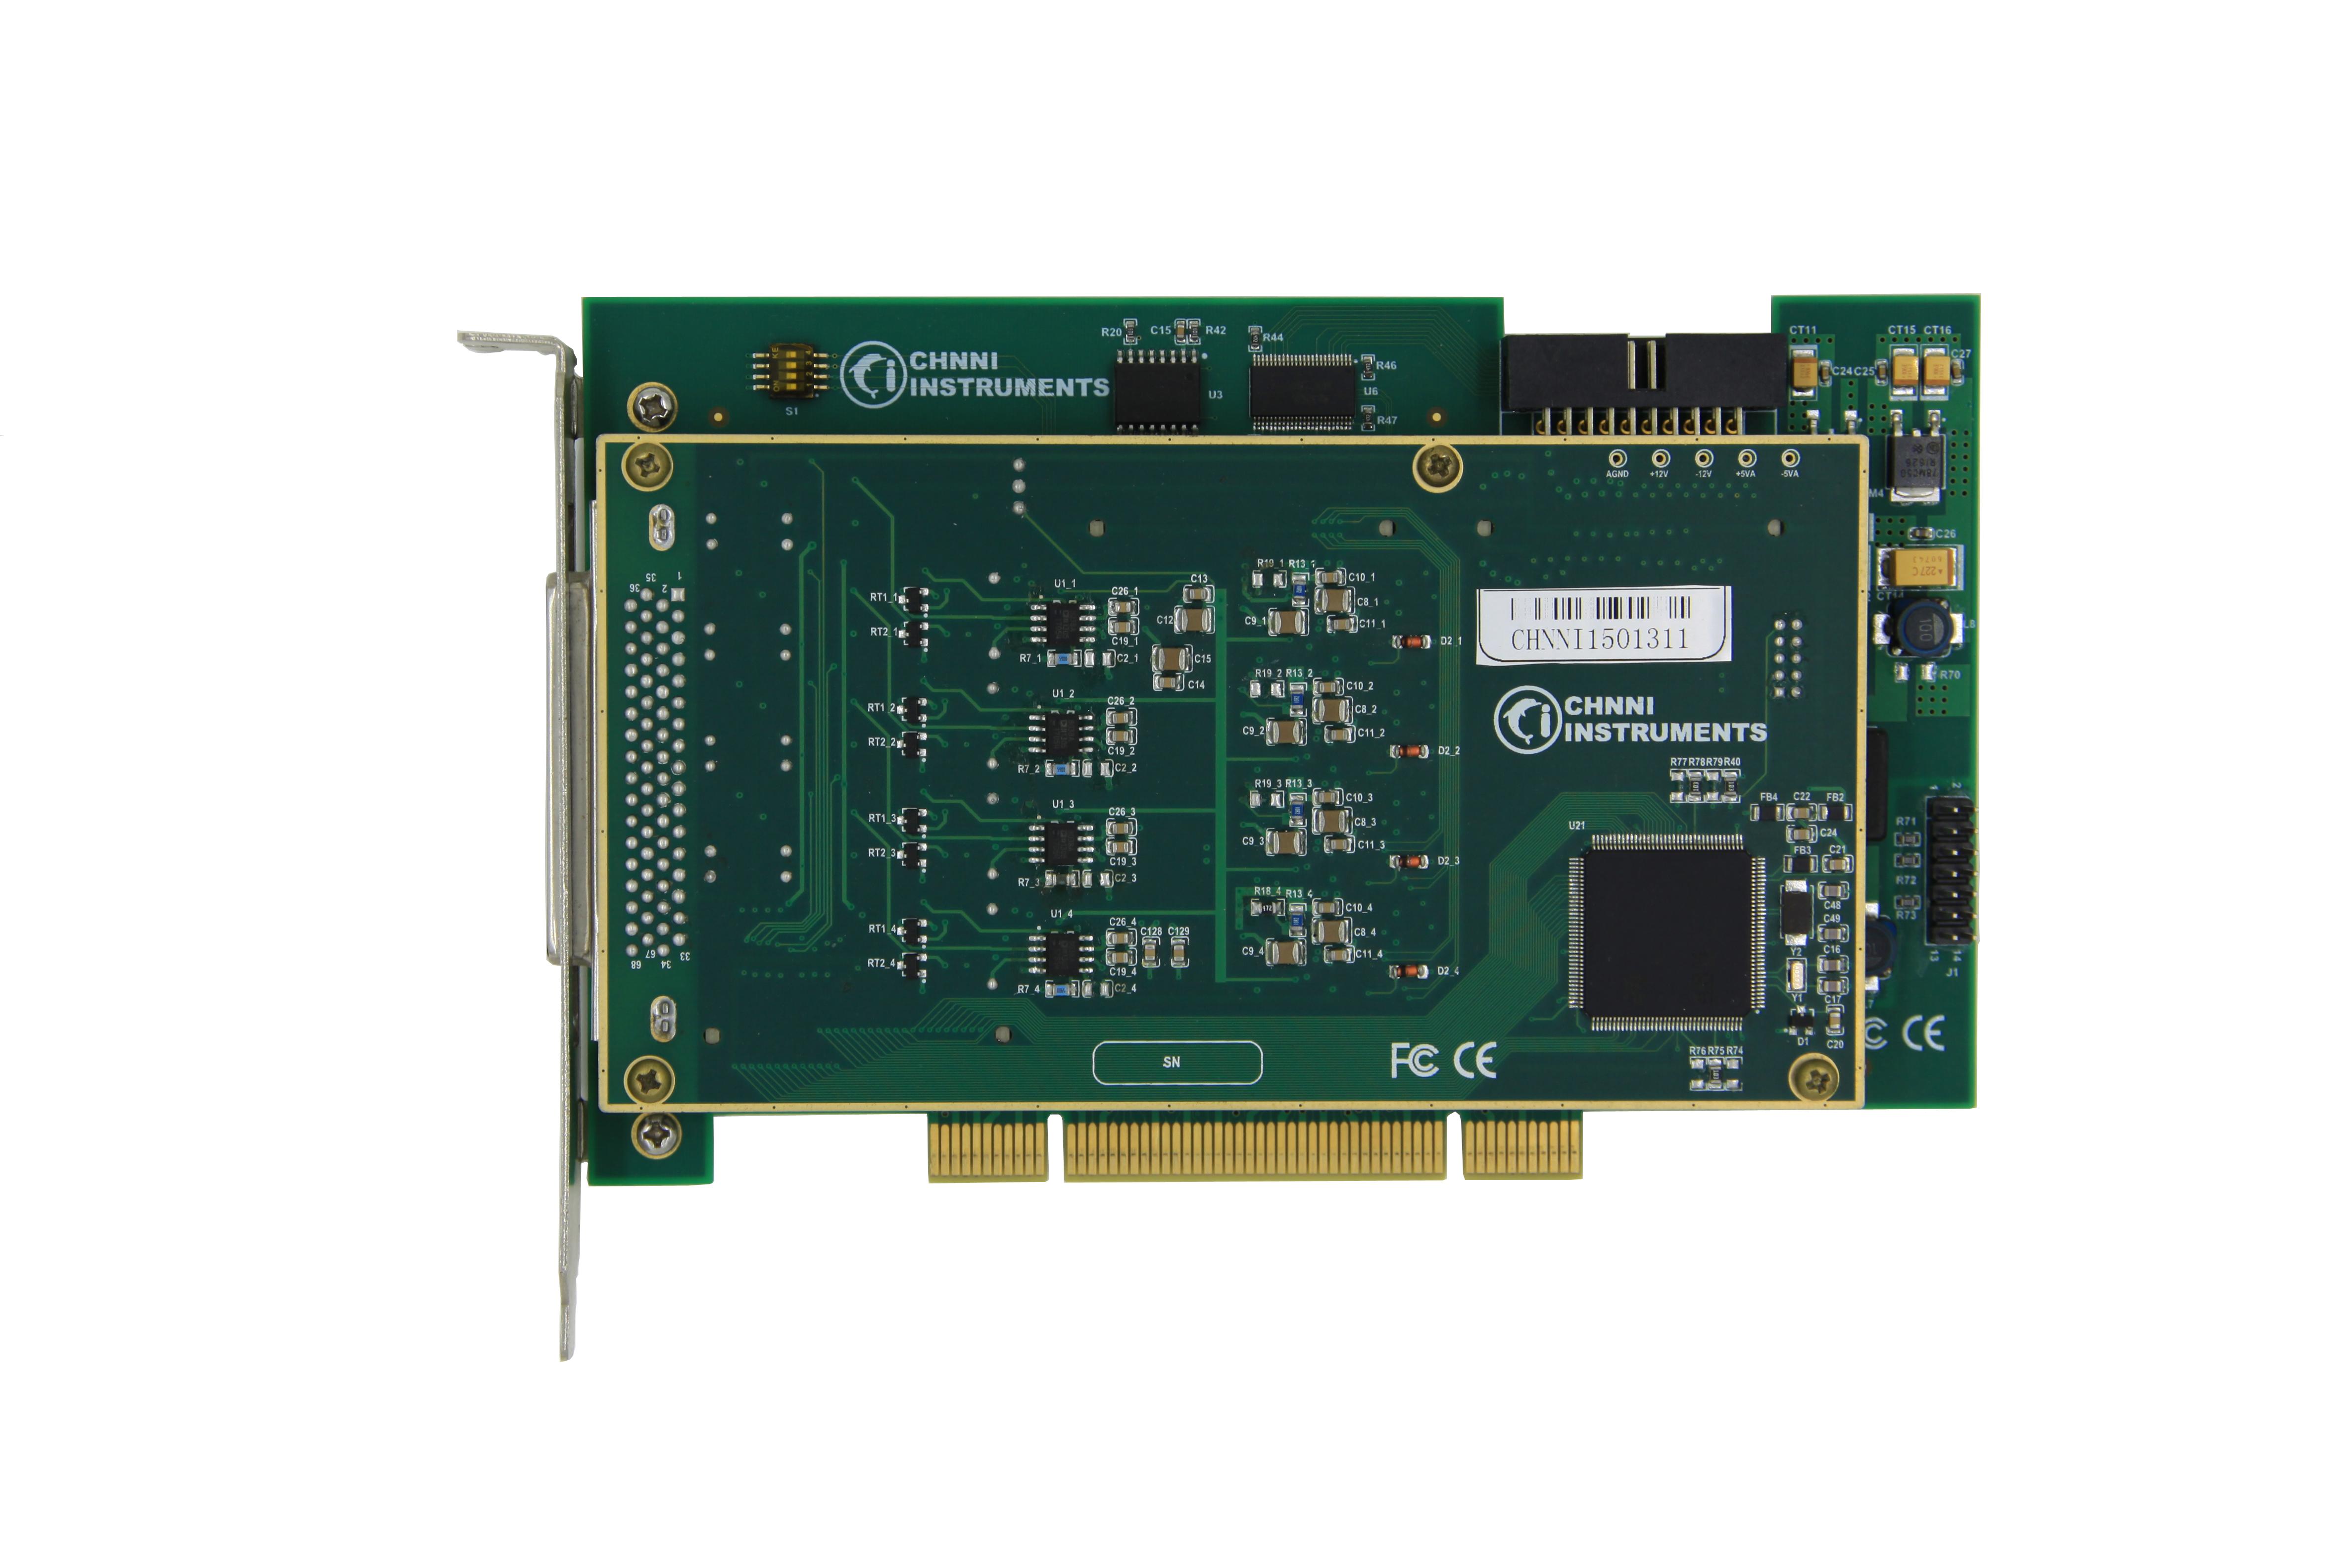 32通道光隔离DI输入 8通道PWM采集 数据采集卡PCI-6412